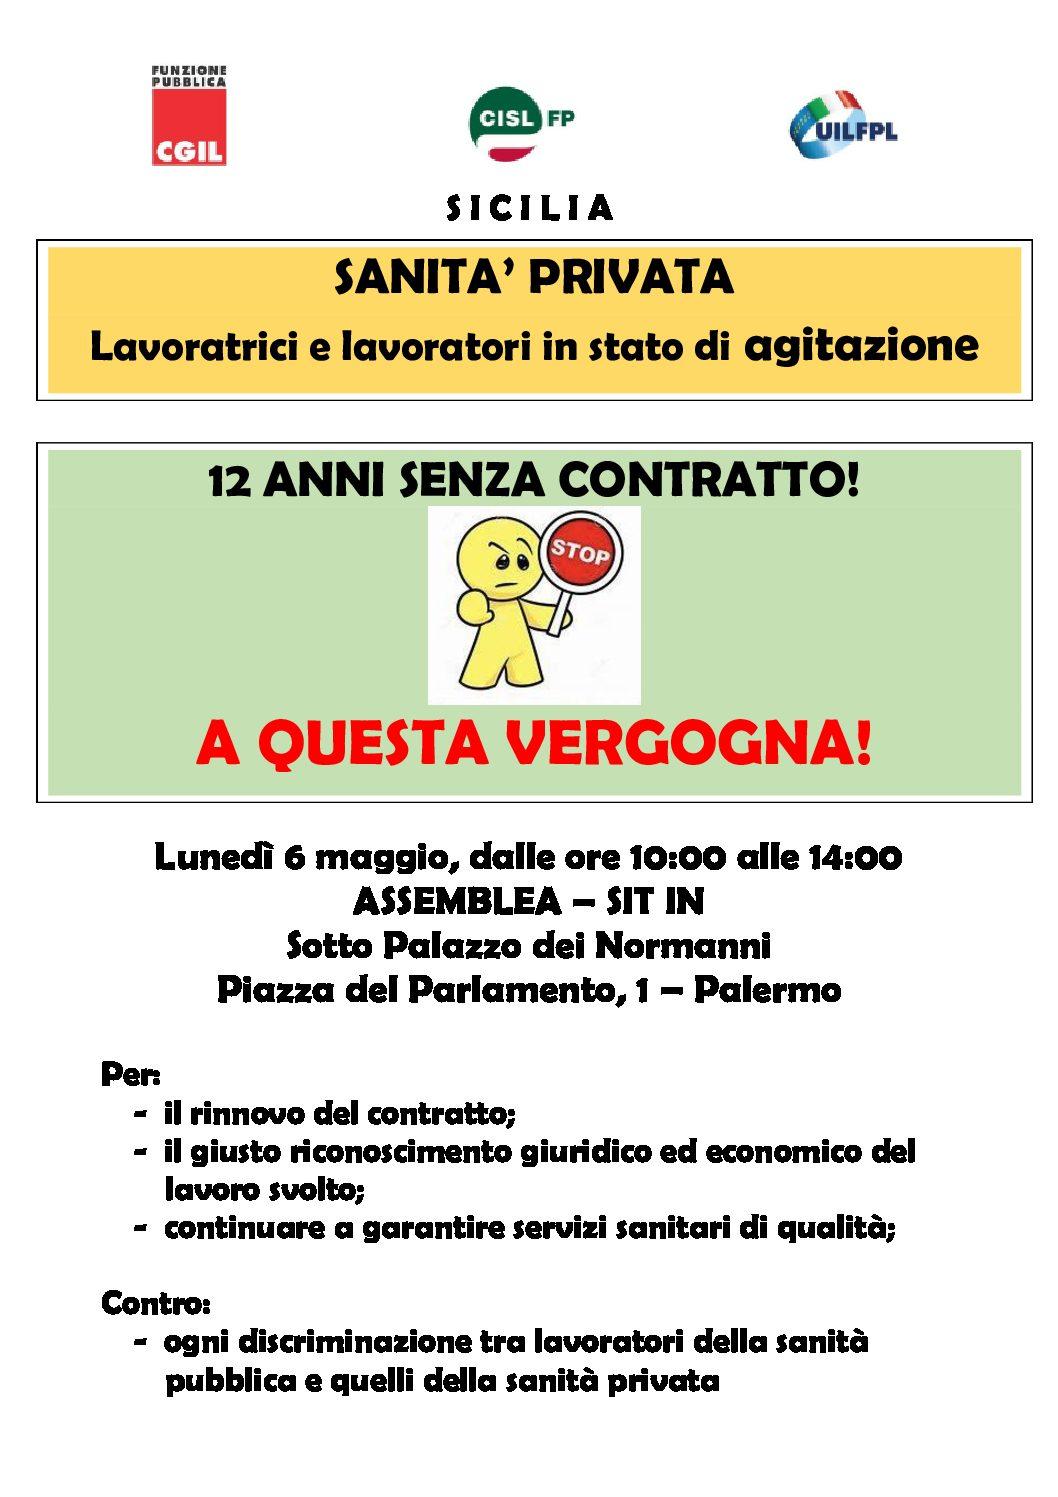 Contratto nazionale fermo da 12 anni, lavoratori della sanità privata in stato di agitazione: lunedì nuovo sit-in a Palermo